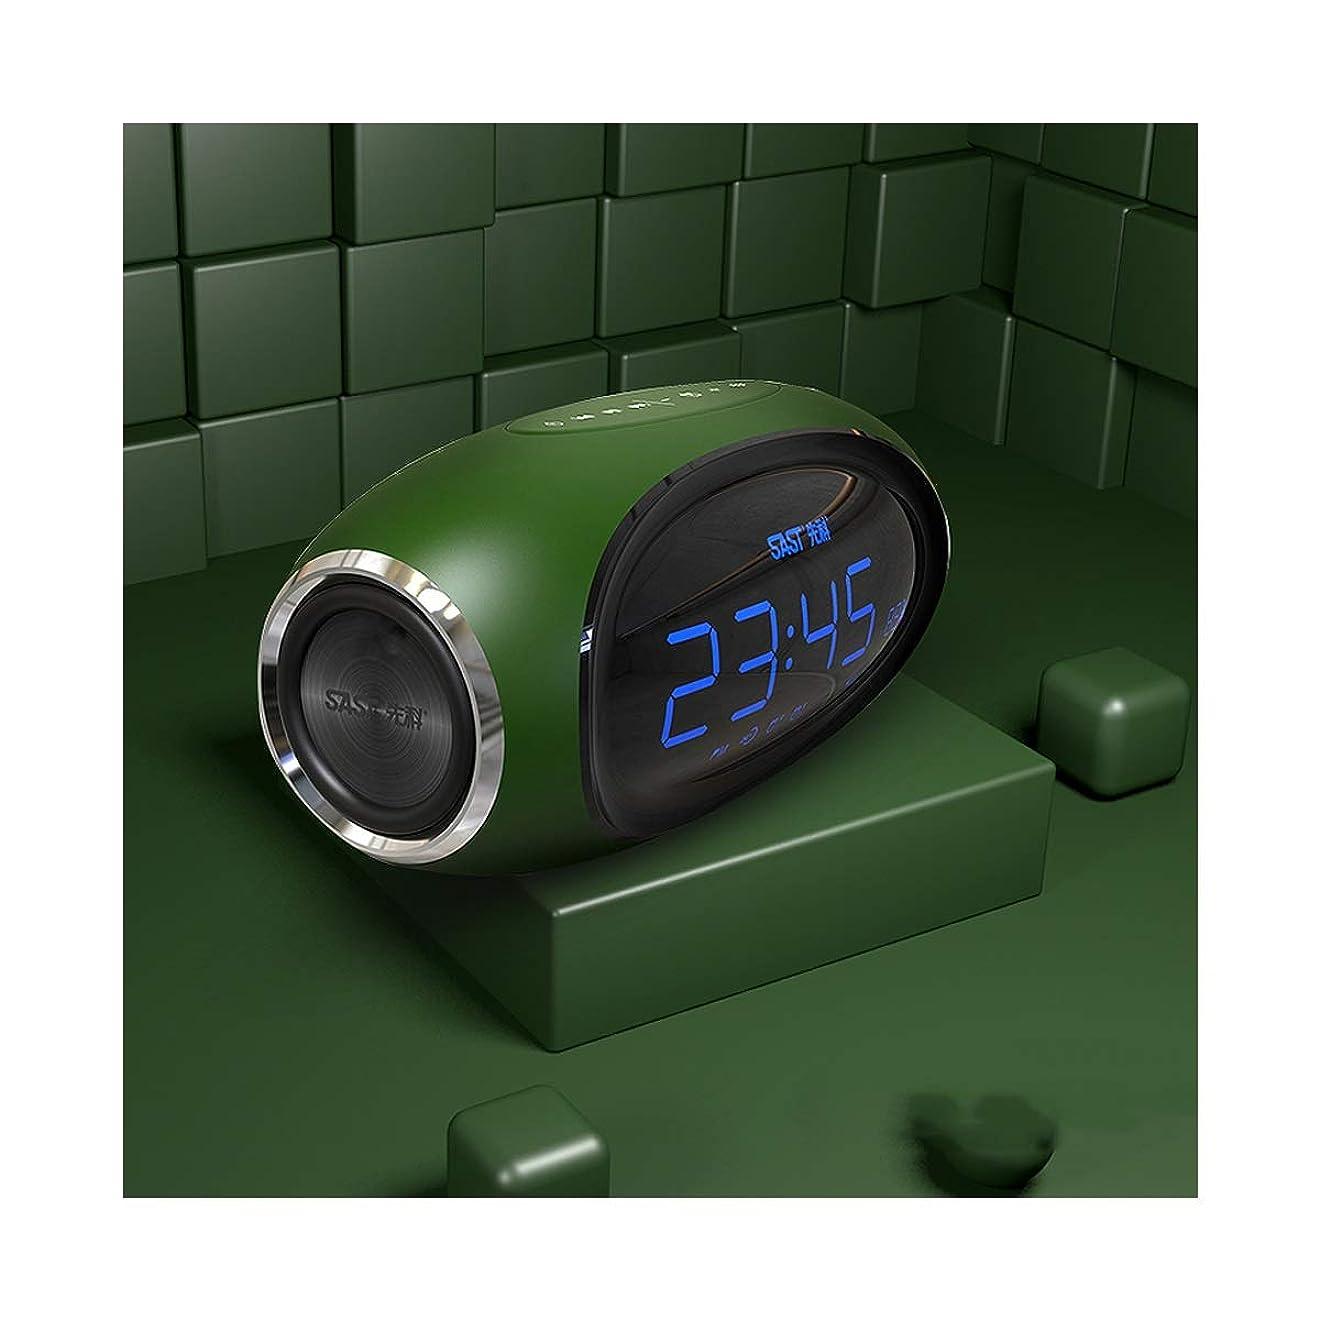 香水コロニアルすべてCHENTAOCS Bluetoothのスピーカー、ポータブルホームアラーム時計、ワイヤレスサブウーファー、ステレオ、3Dサラウンドハイパワースピーカー (Color : Green)